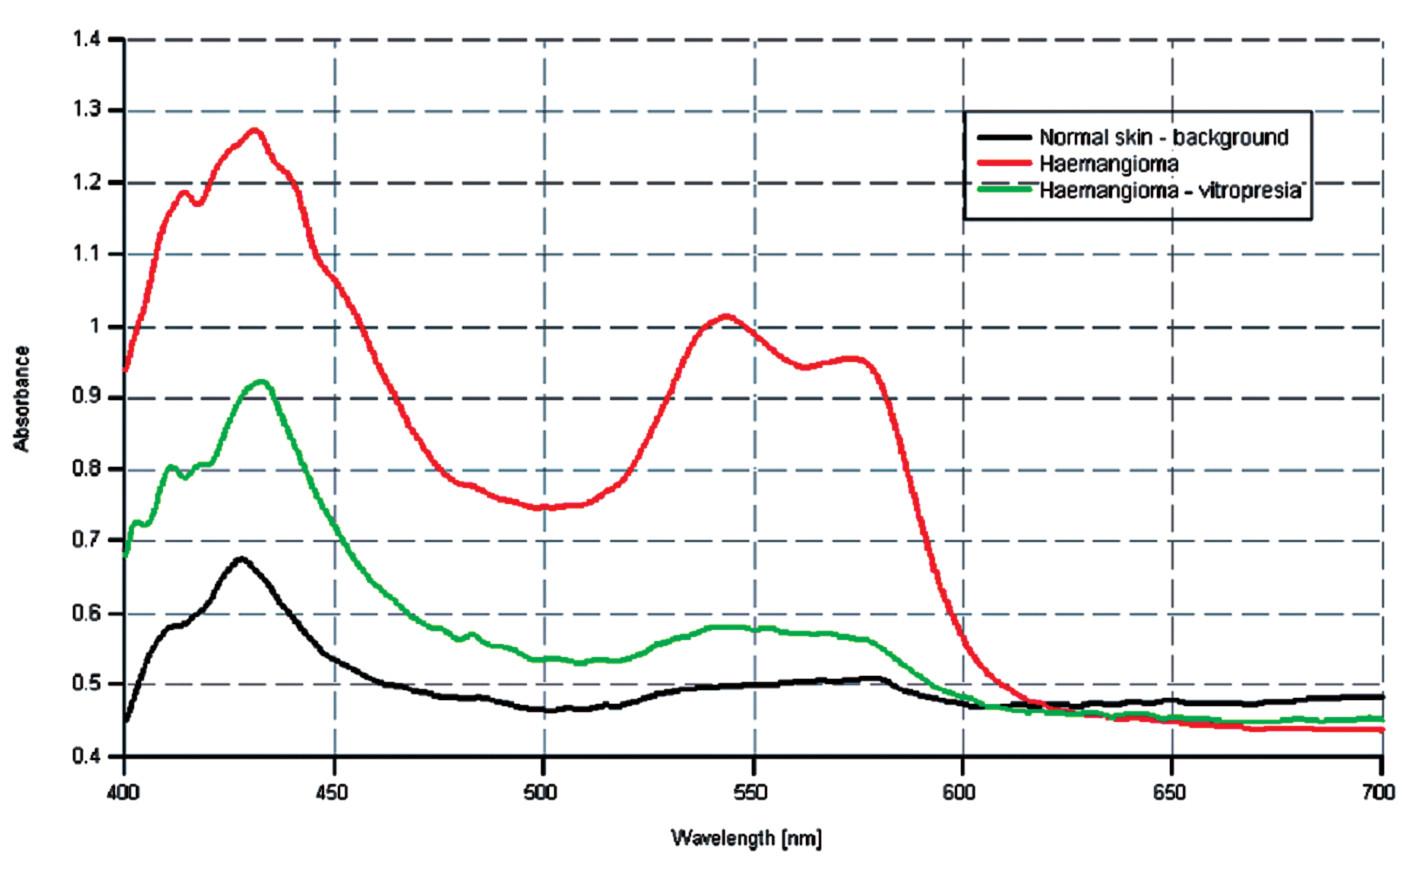 Spektrálne krivky u pacienta s hemangiómom pri vitropresii